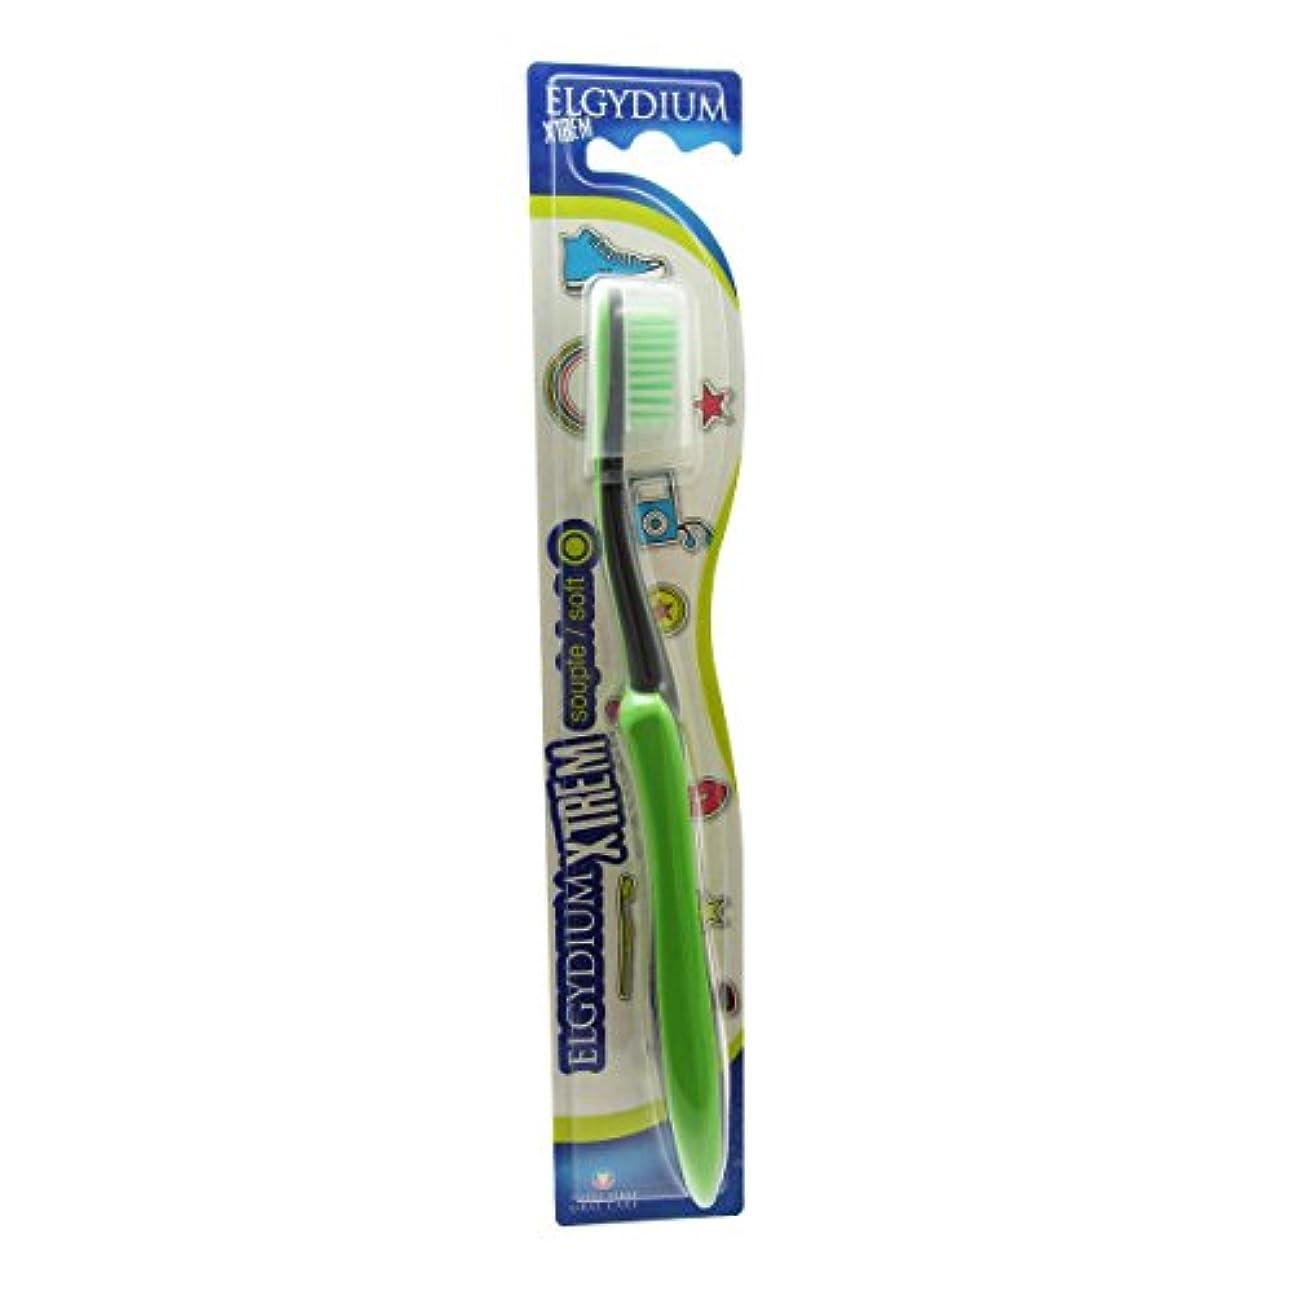 バスルーム幾分弱点Elgydium Xtrem Toothbrush Soft Hardness [並行輸入品]